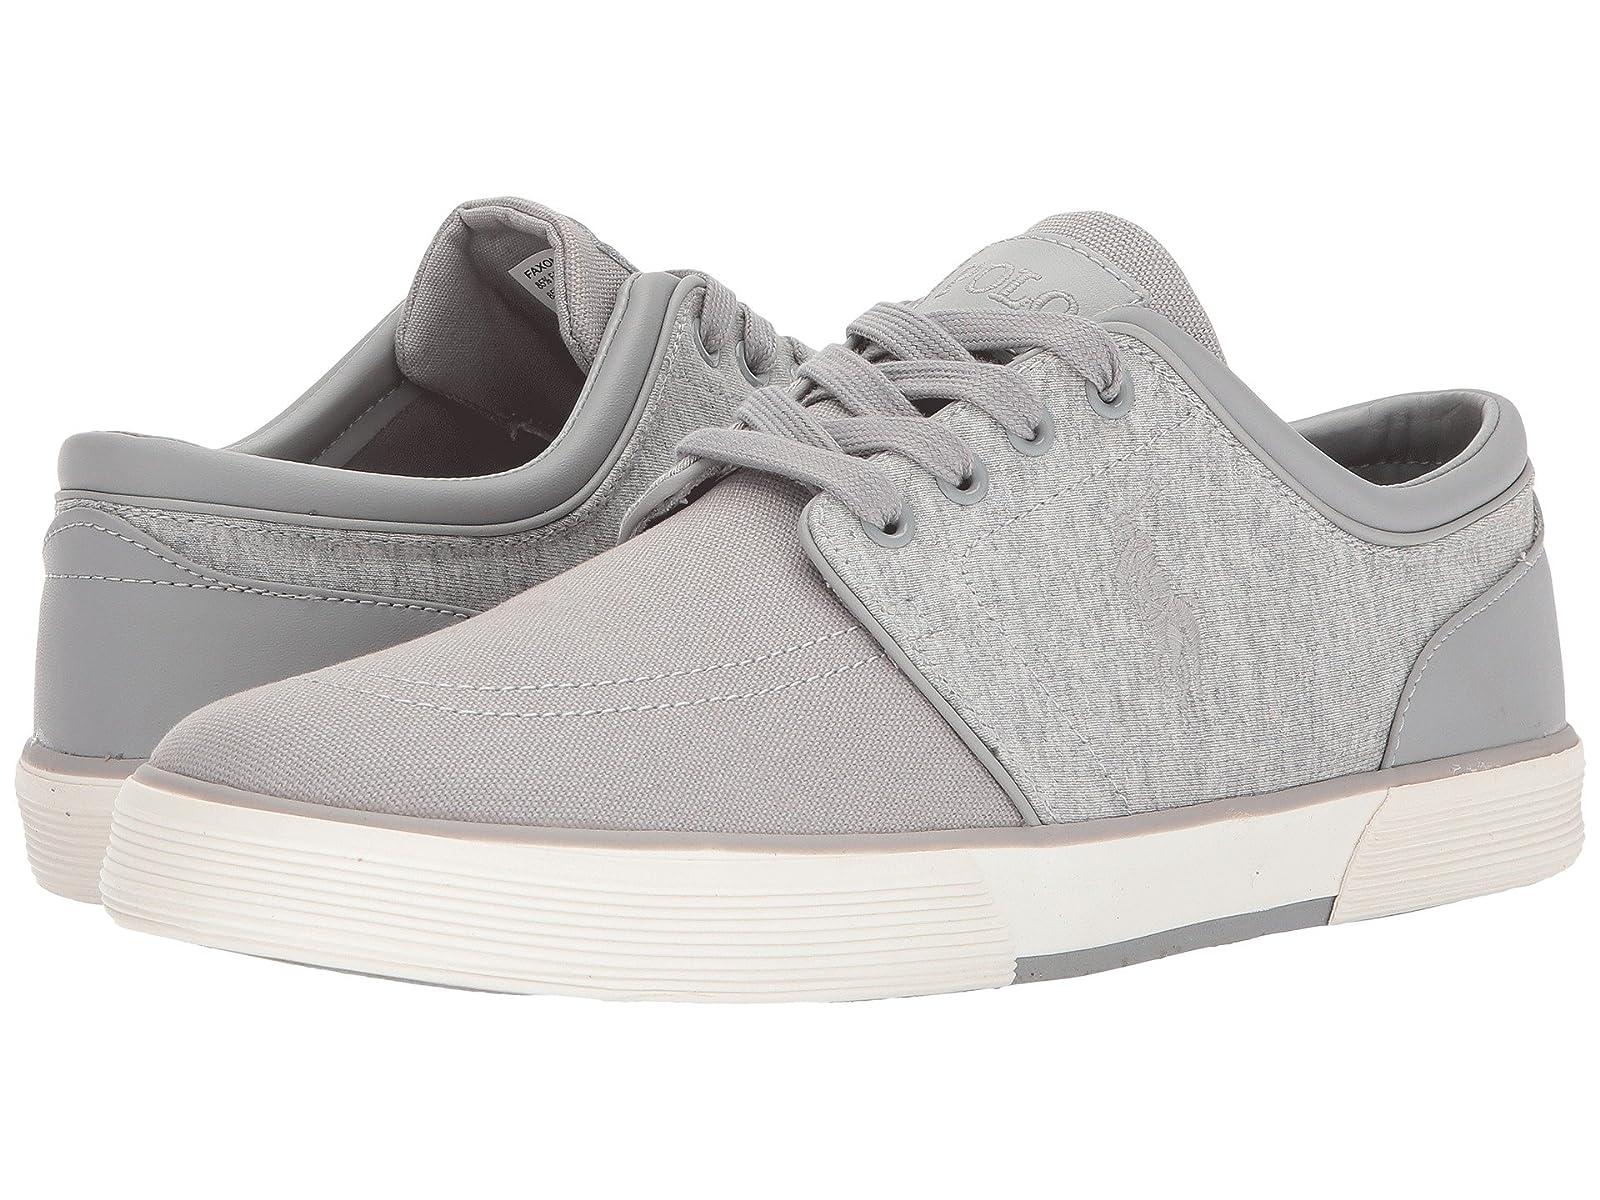 Polo Ralph Lauren Faxon LowAtmospheric grades have affordable shoes